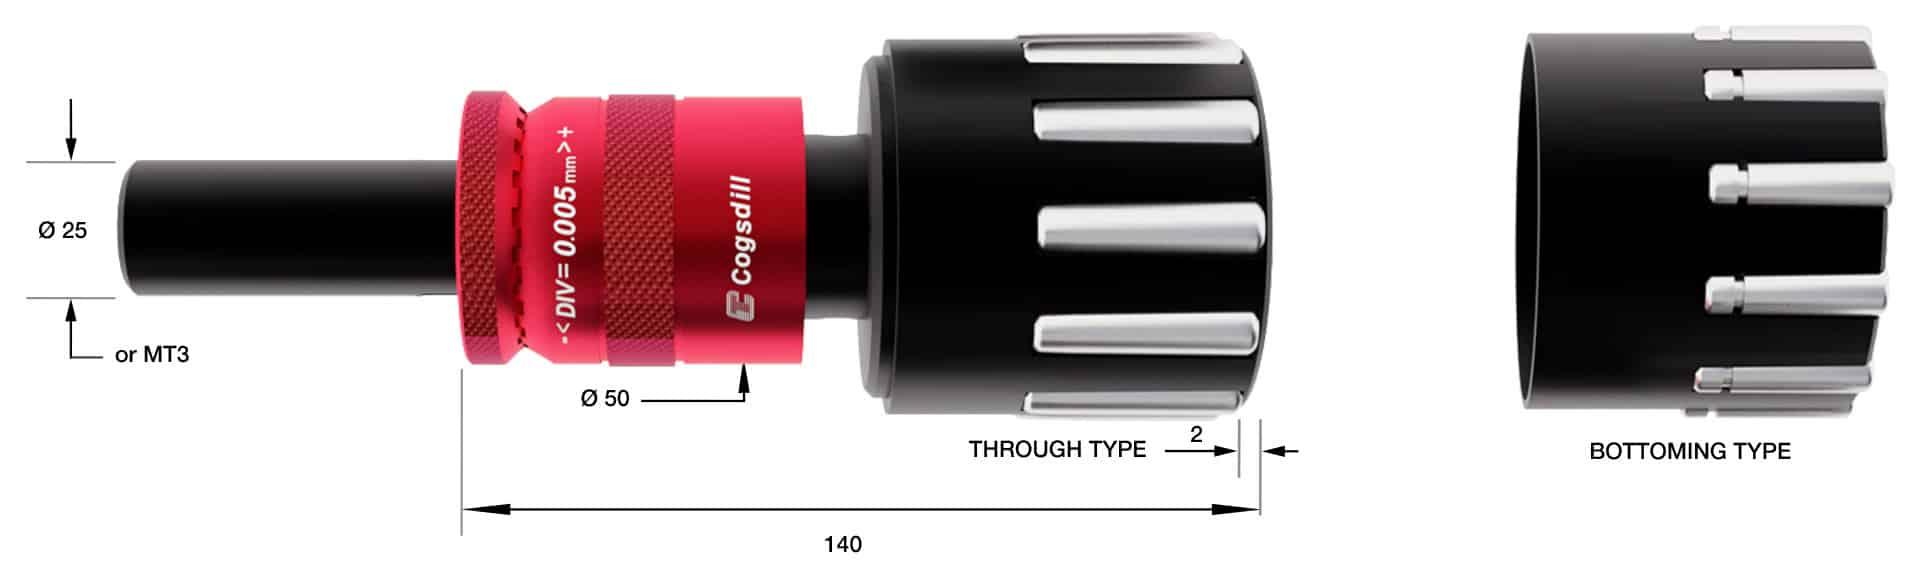 Diagrama de bruñido de rodillos SRMR72-51-89